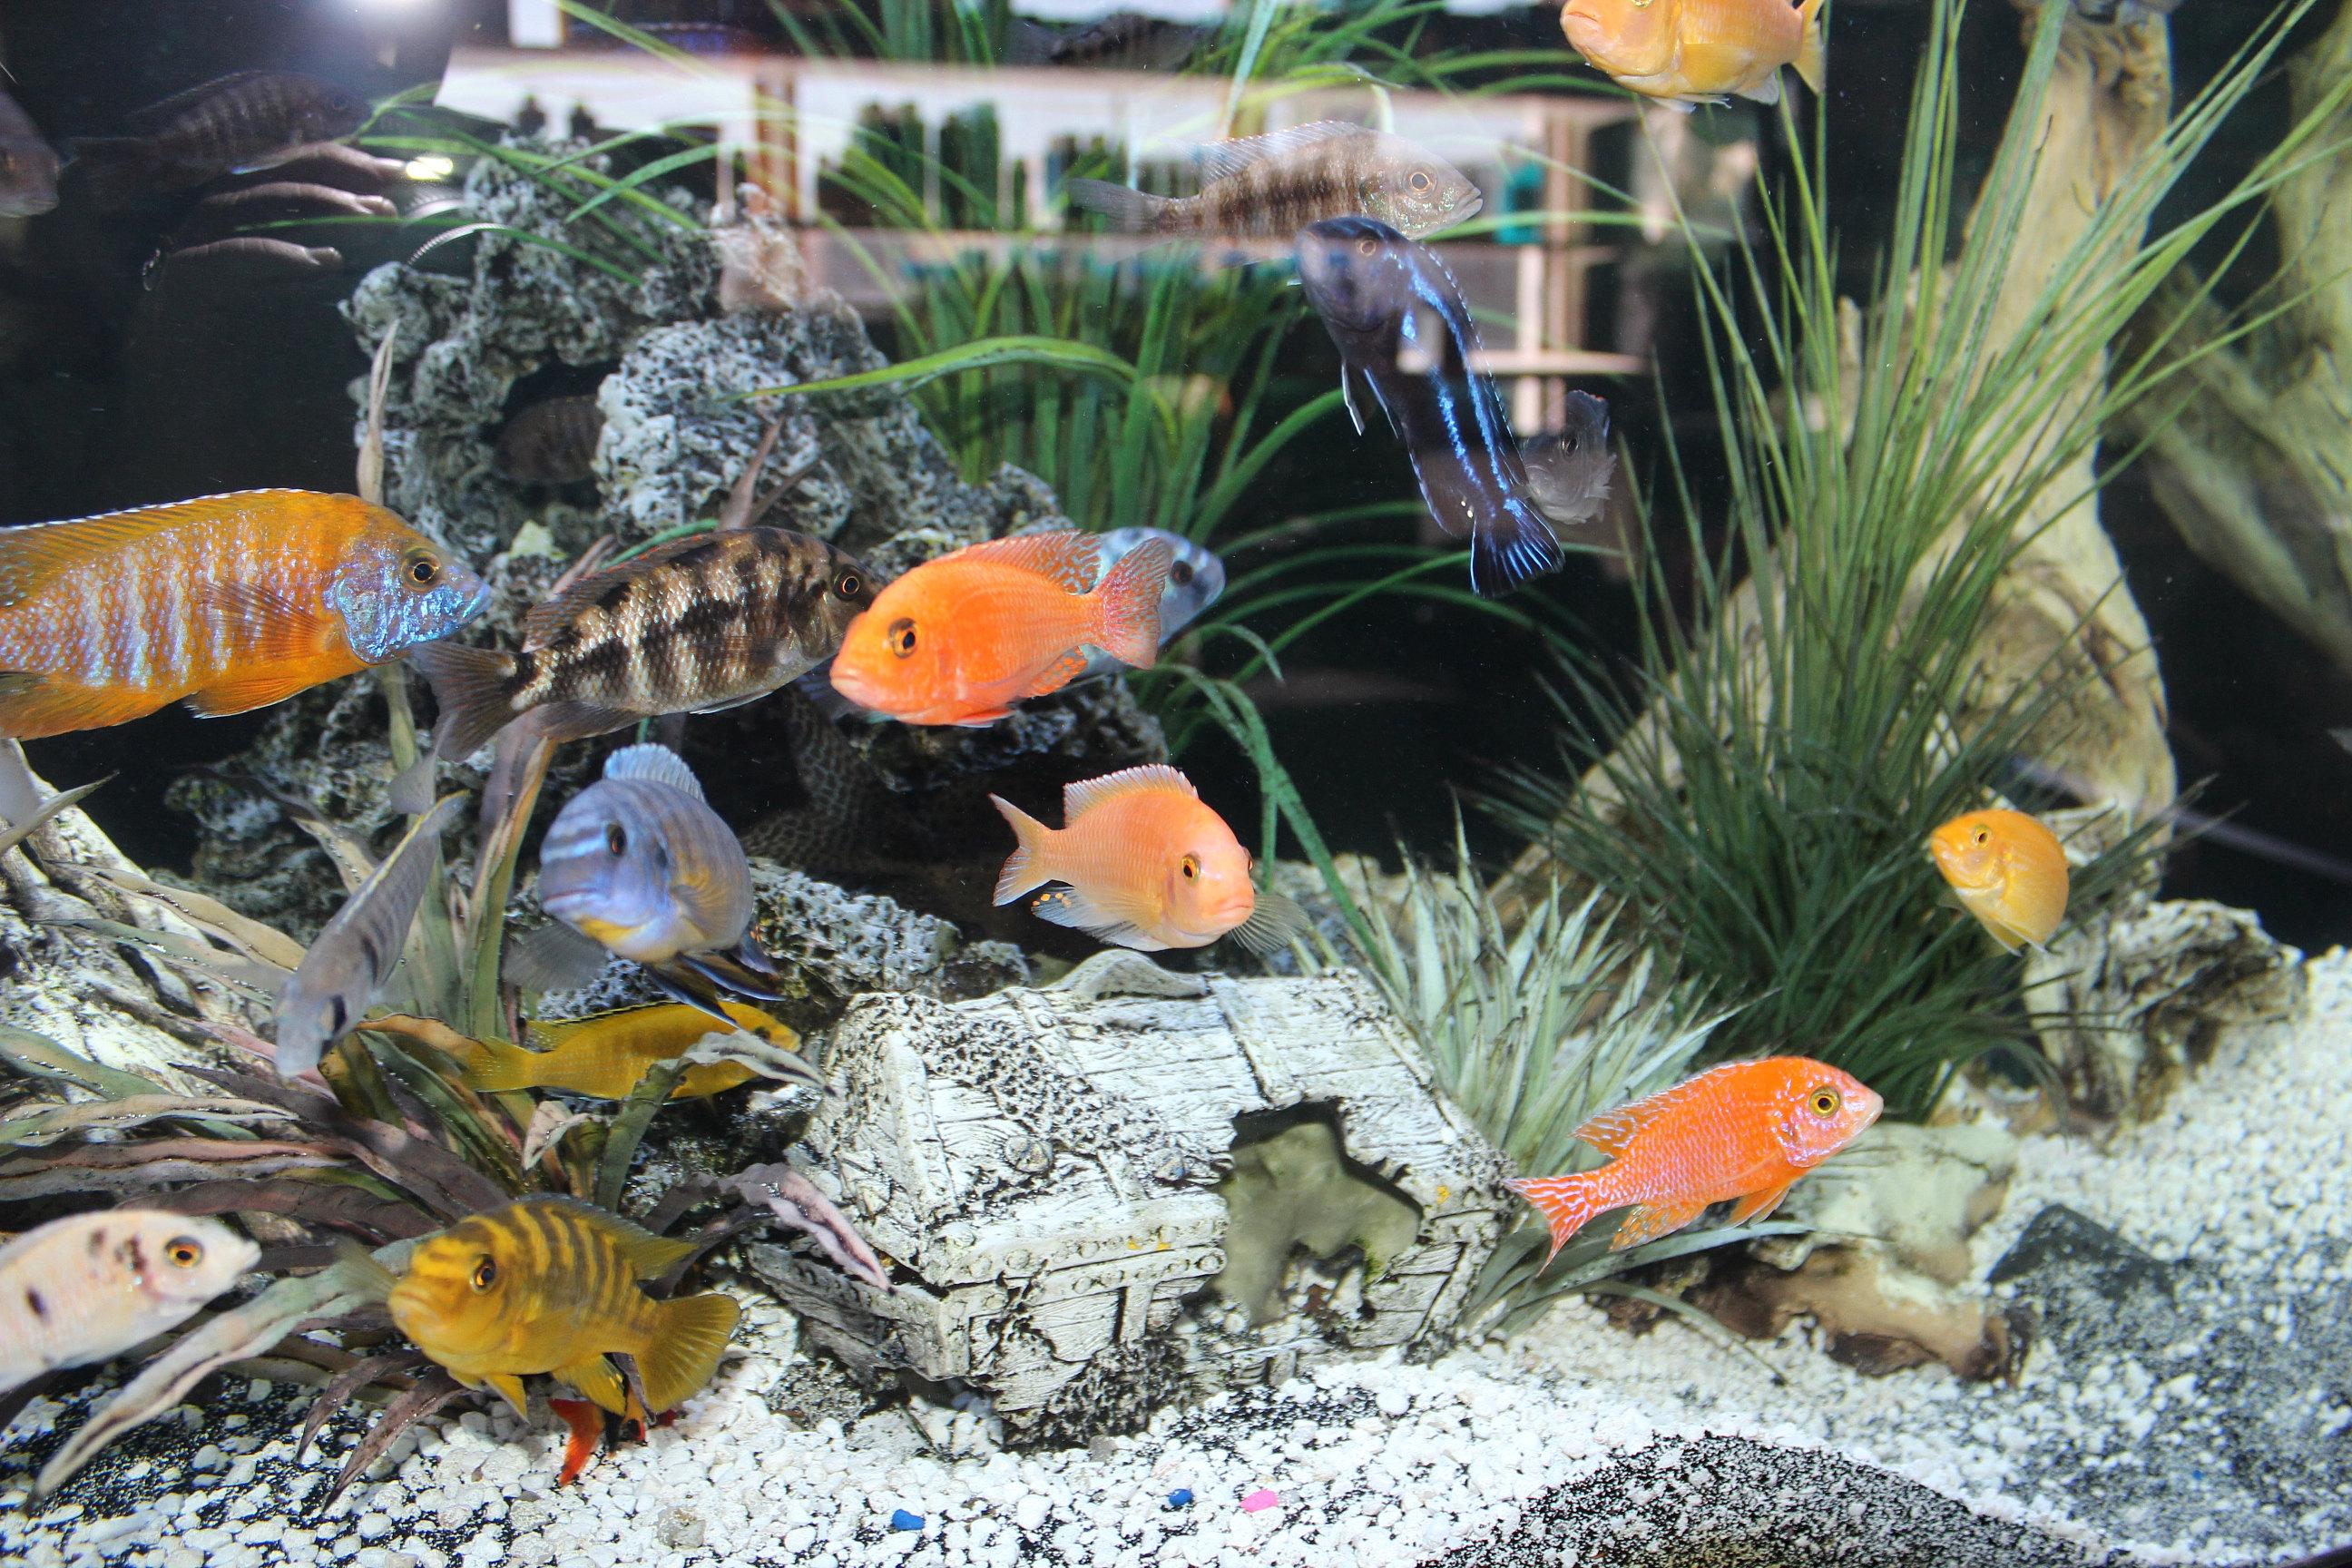 Fish aquarium market in delhi - Img_3401